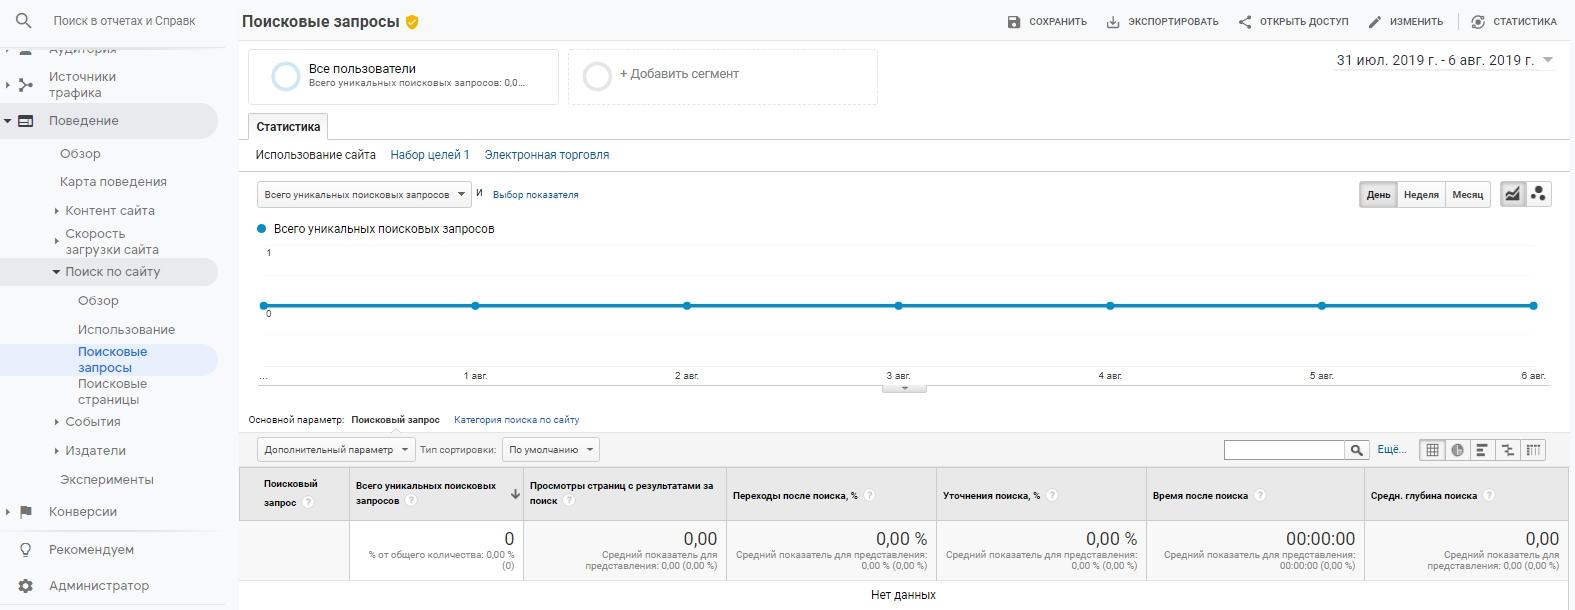 Основы веб-аналитики – отчет по поисковым запросам